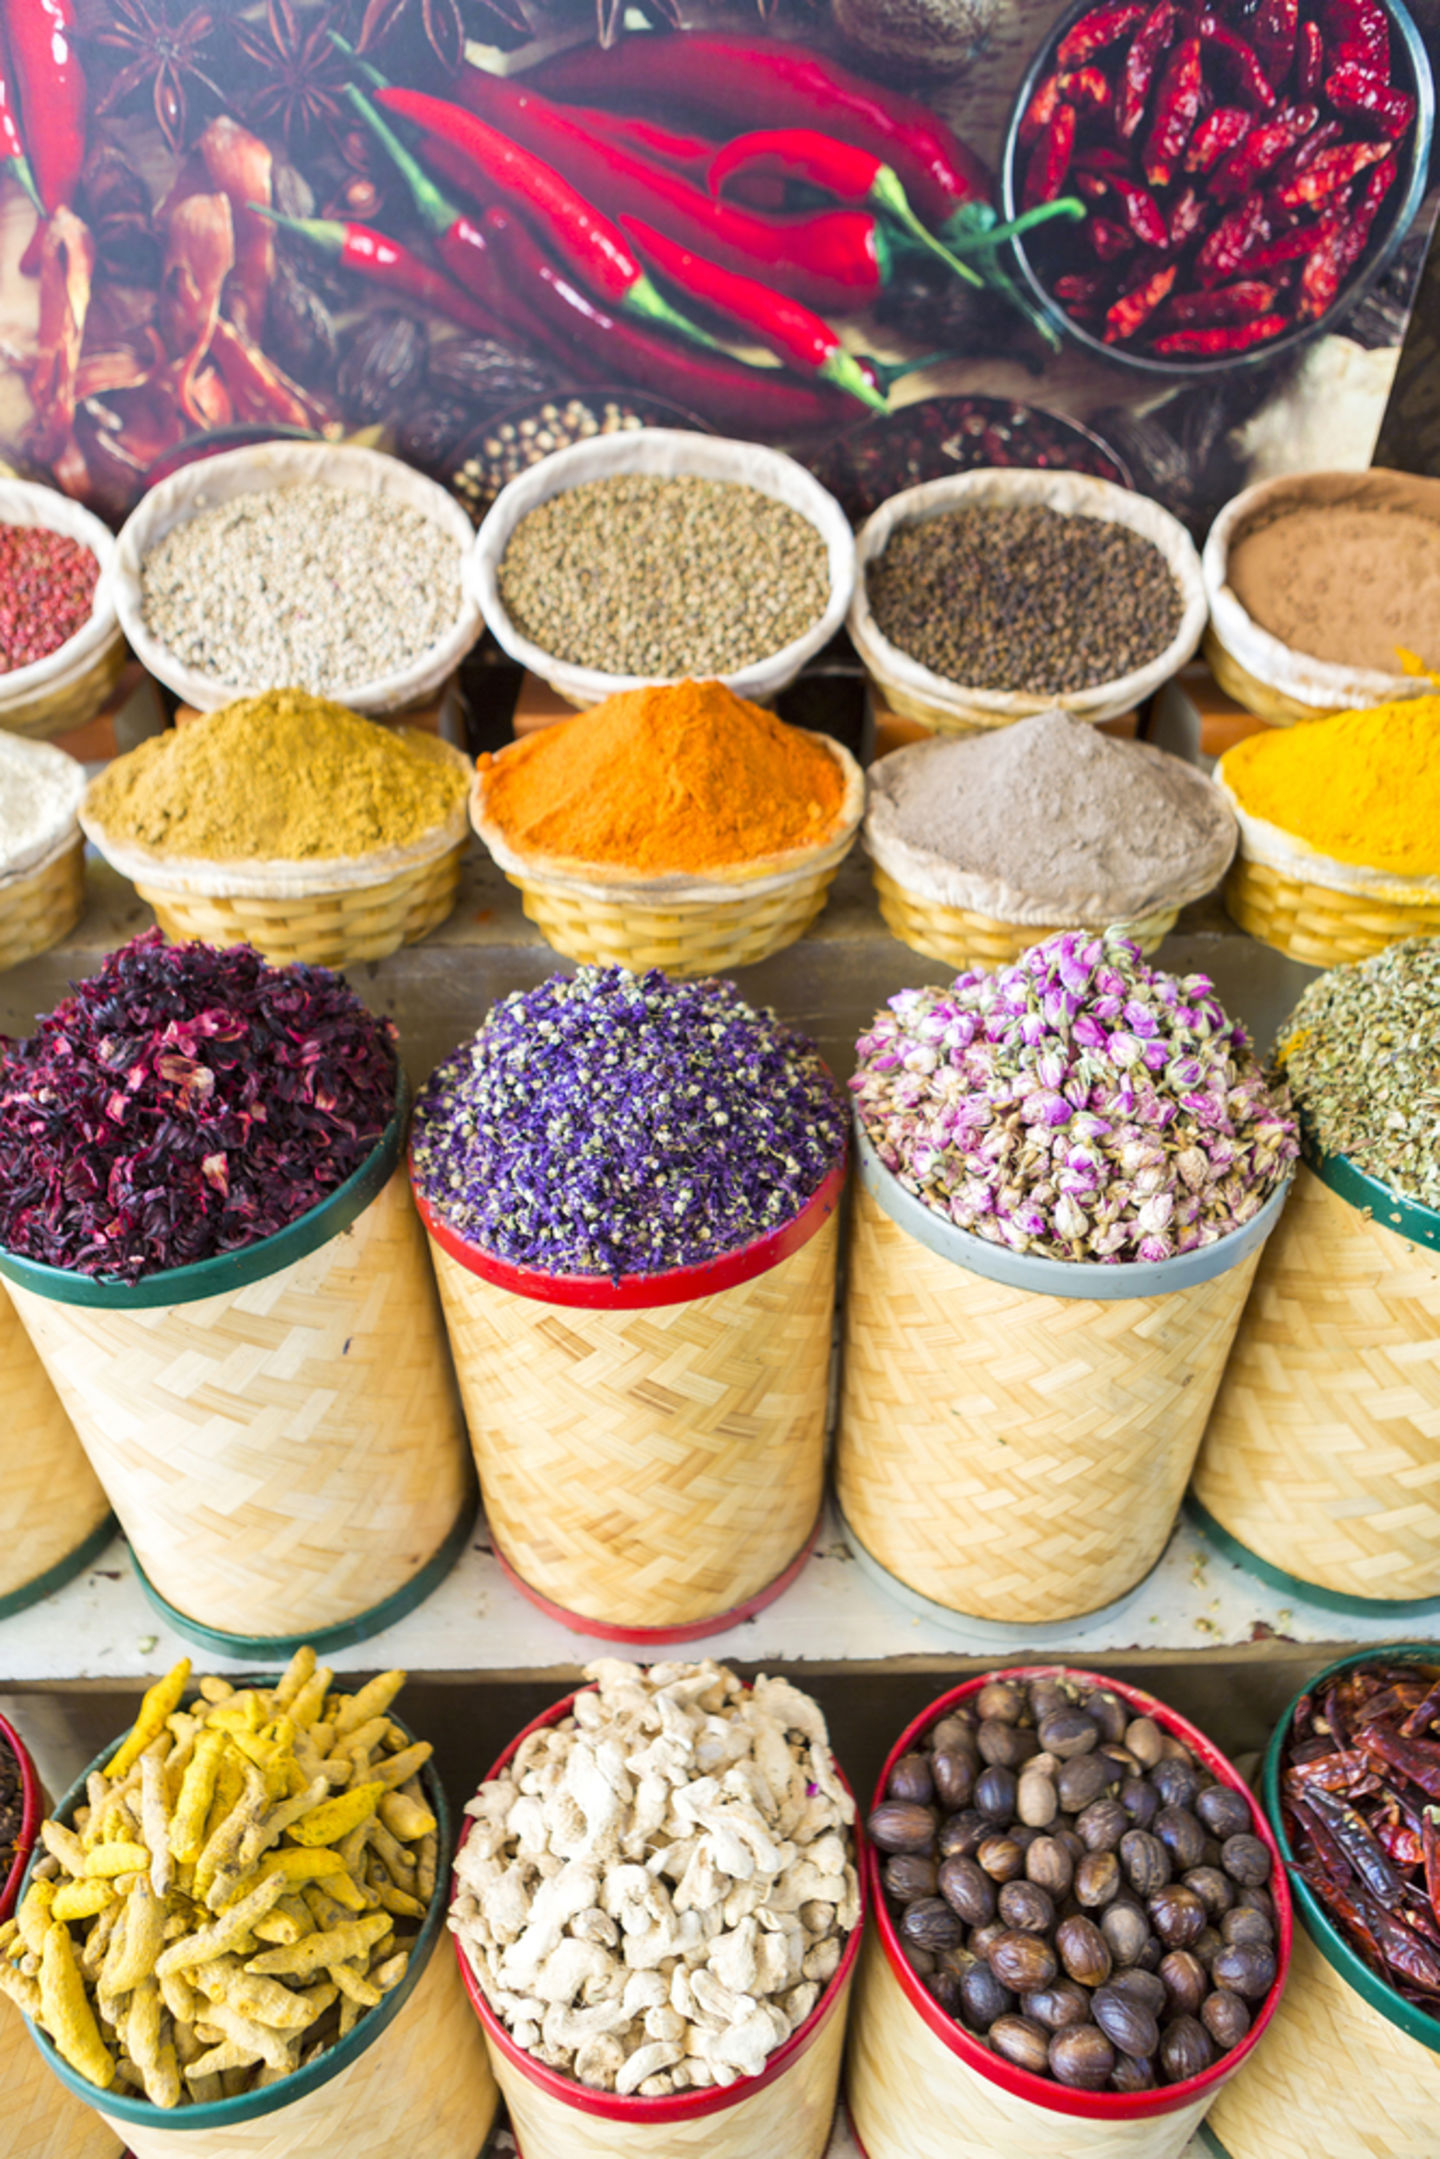 HiDubai-business-comilla-foodstuff-b2b-services-food-stuff-trading-al-satwa-dubai-2